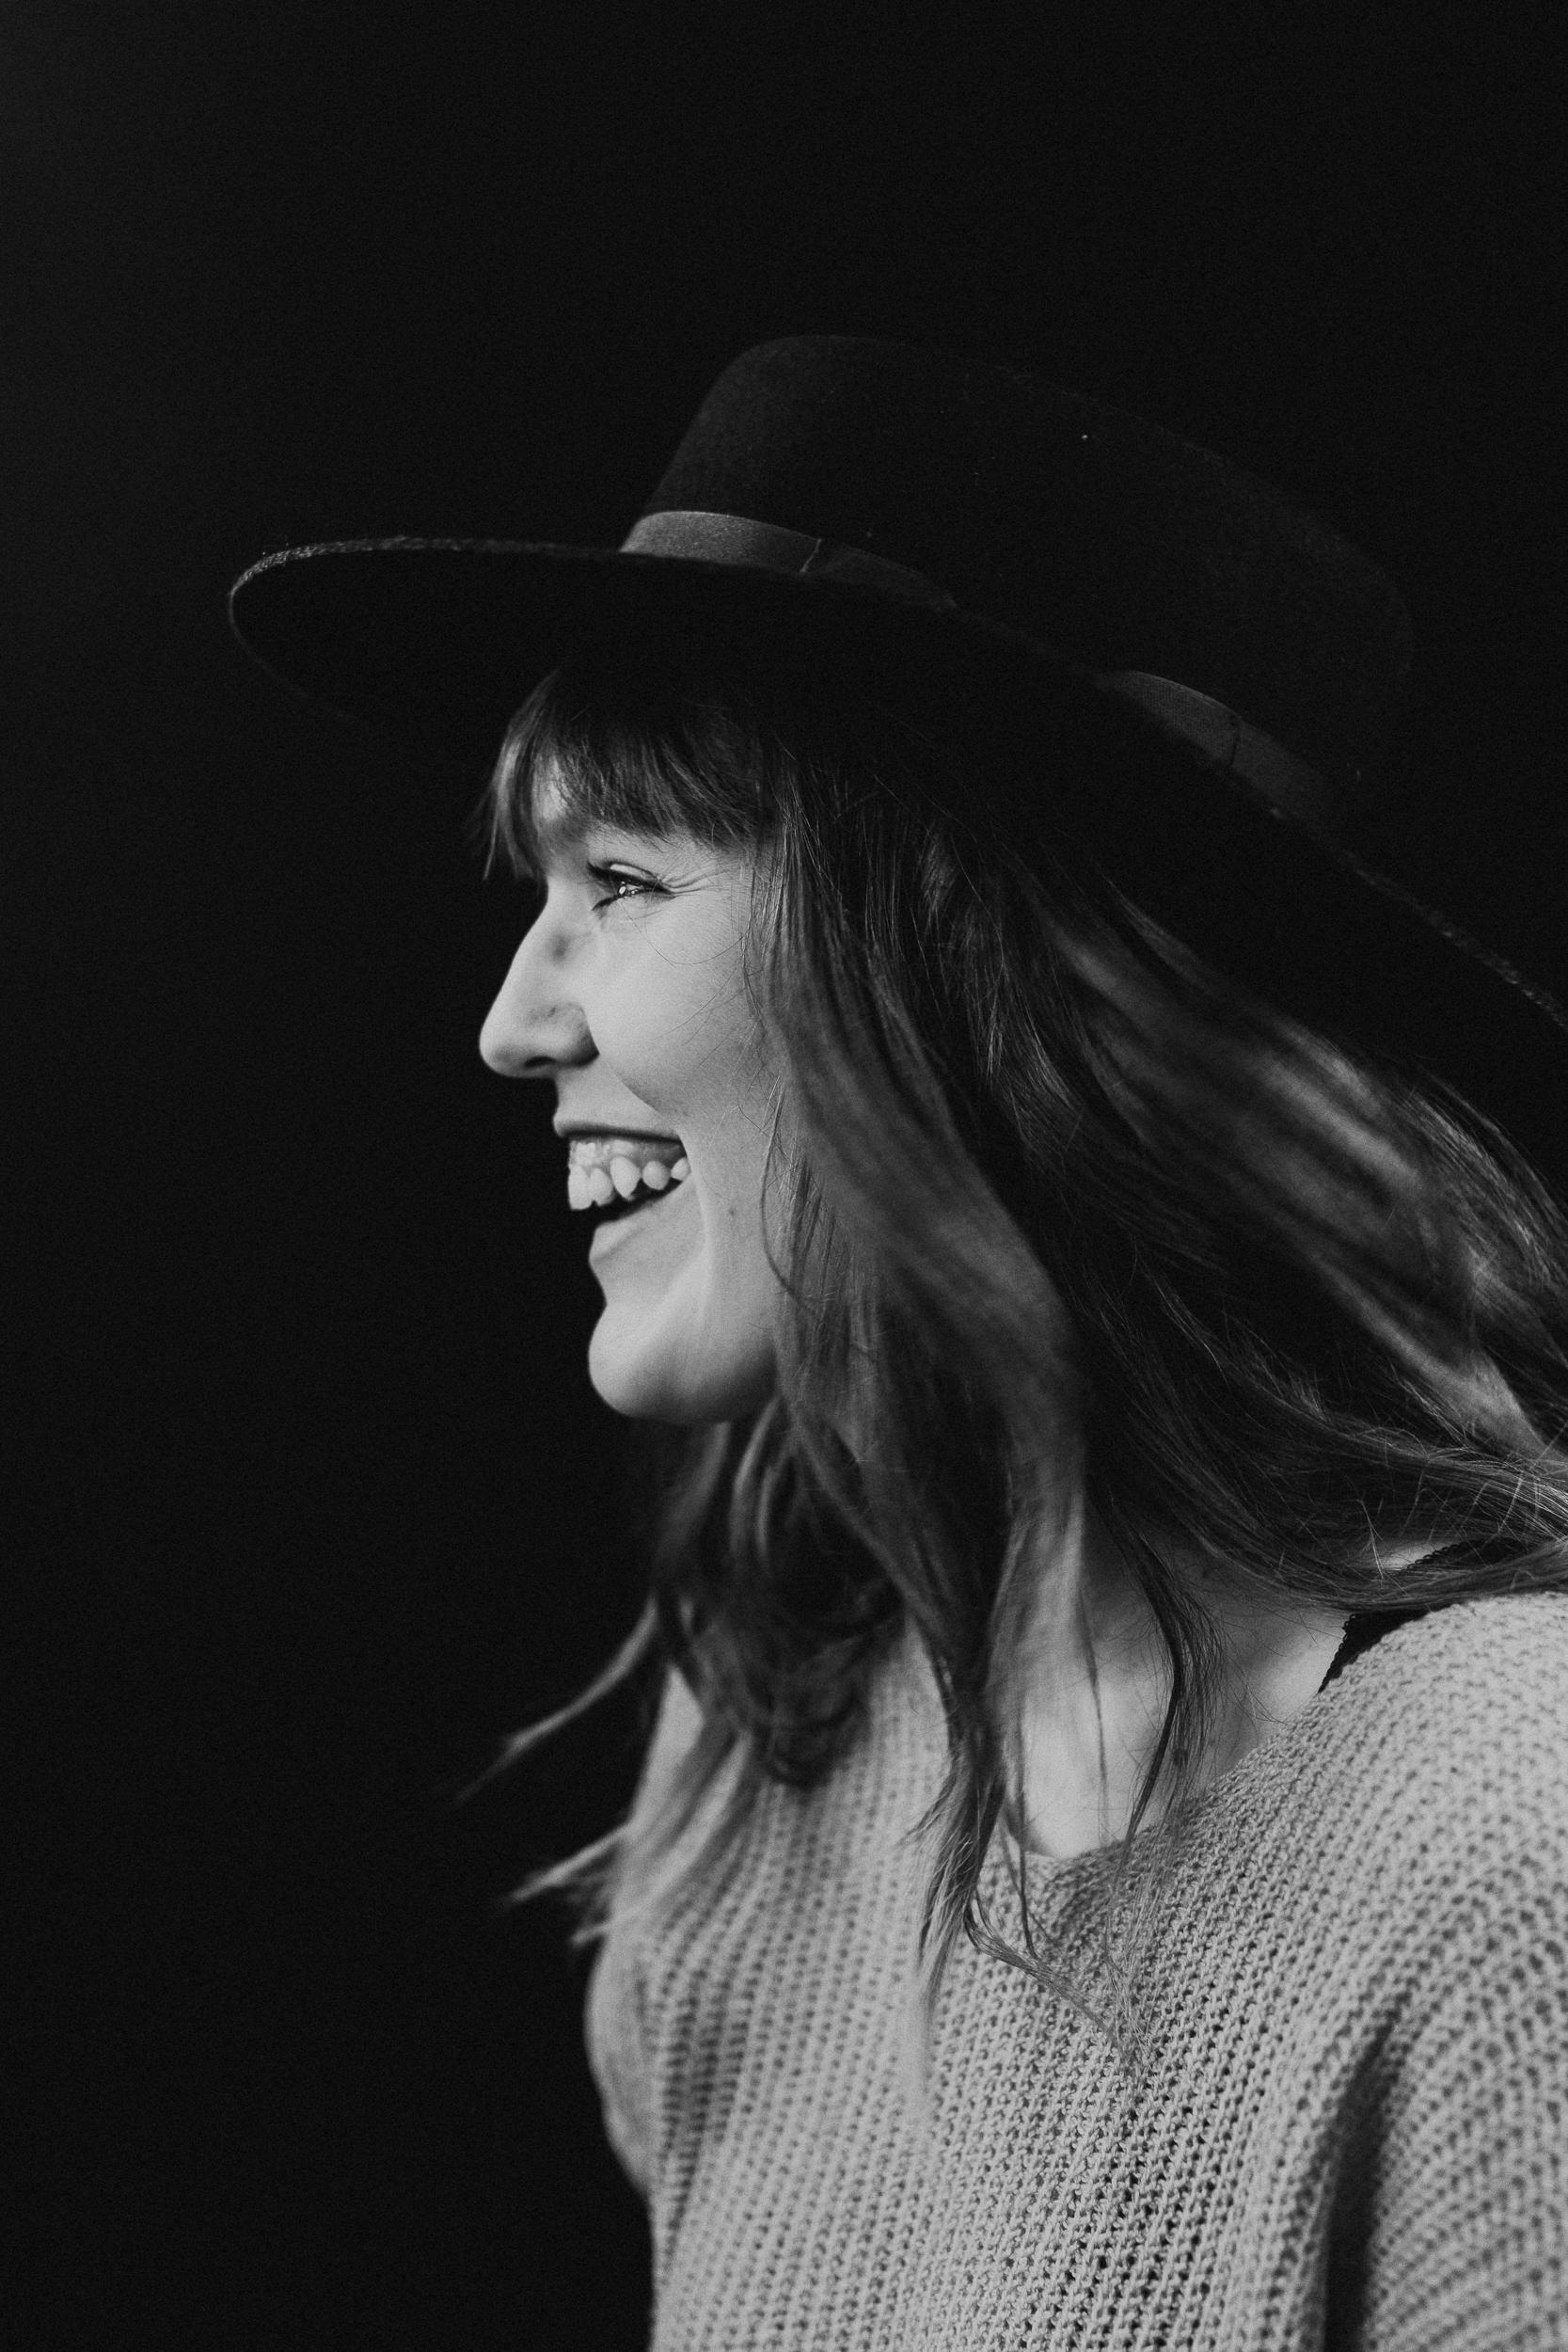 Studio Portrait Photography in Colorado